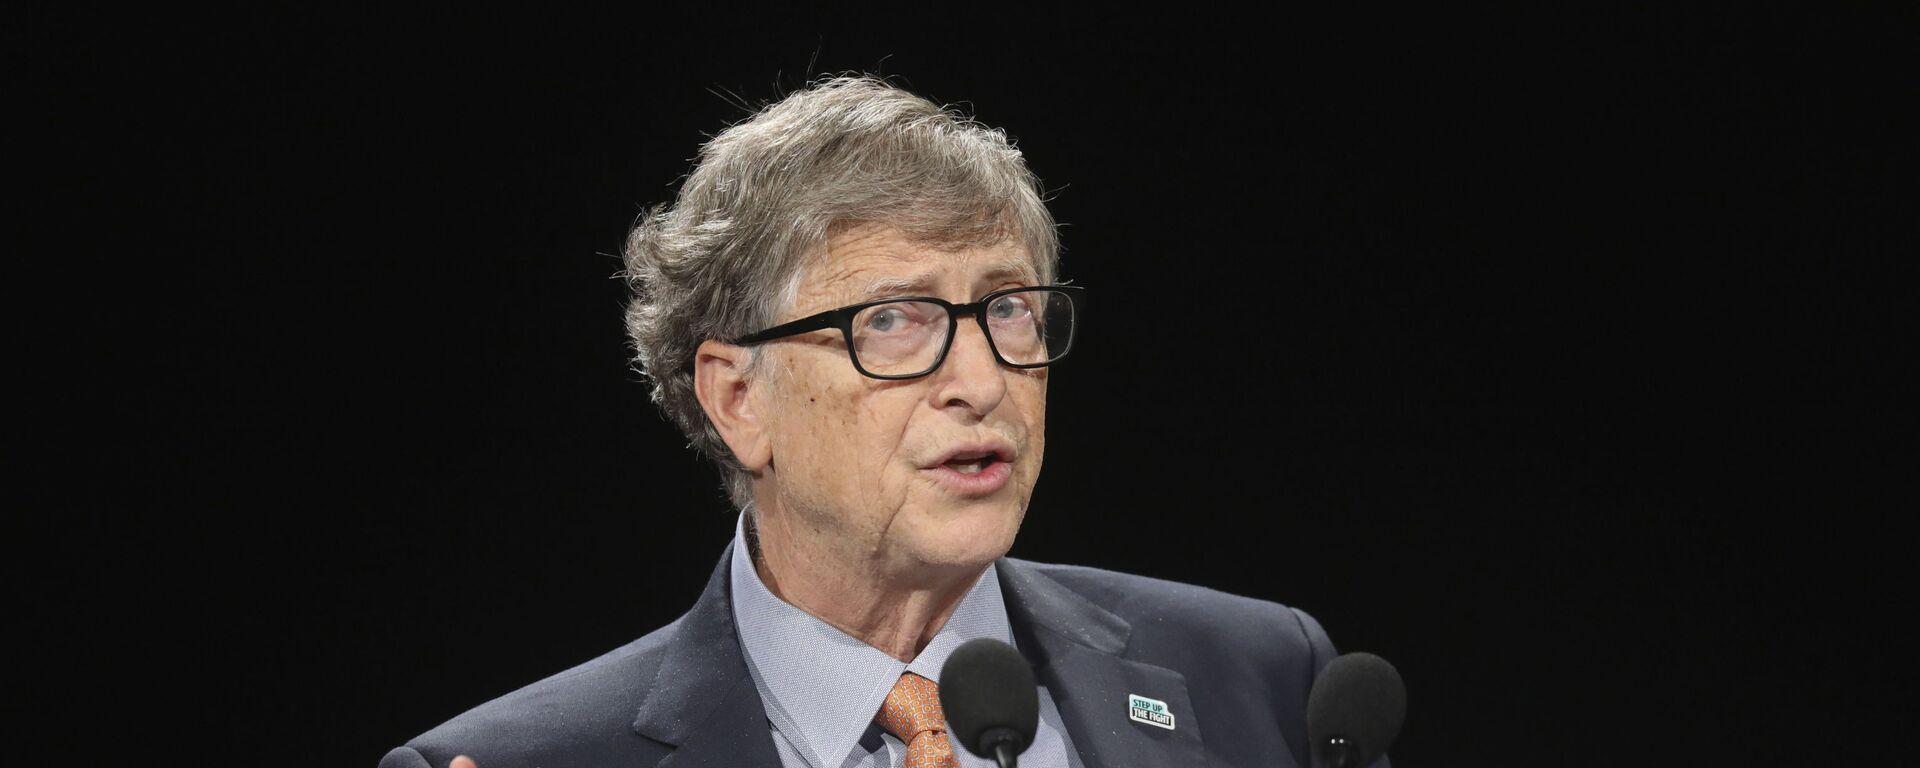 Bill Gates, multimillonario y filántropo estadounidense - Sputnik Mundo, 1920, 26.02.2021